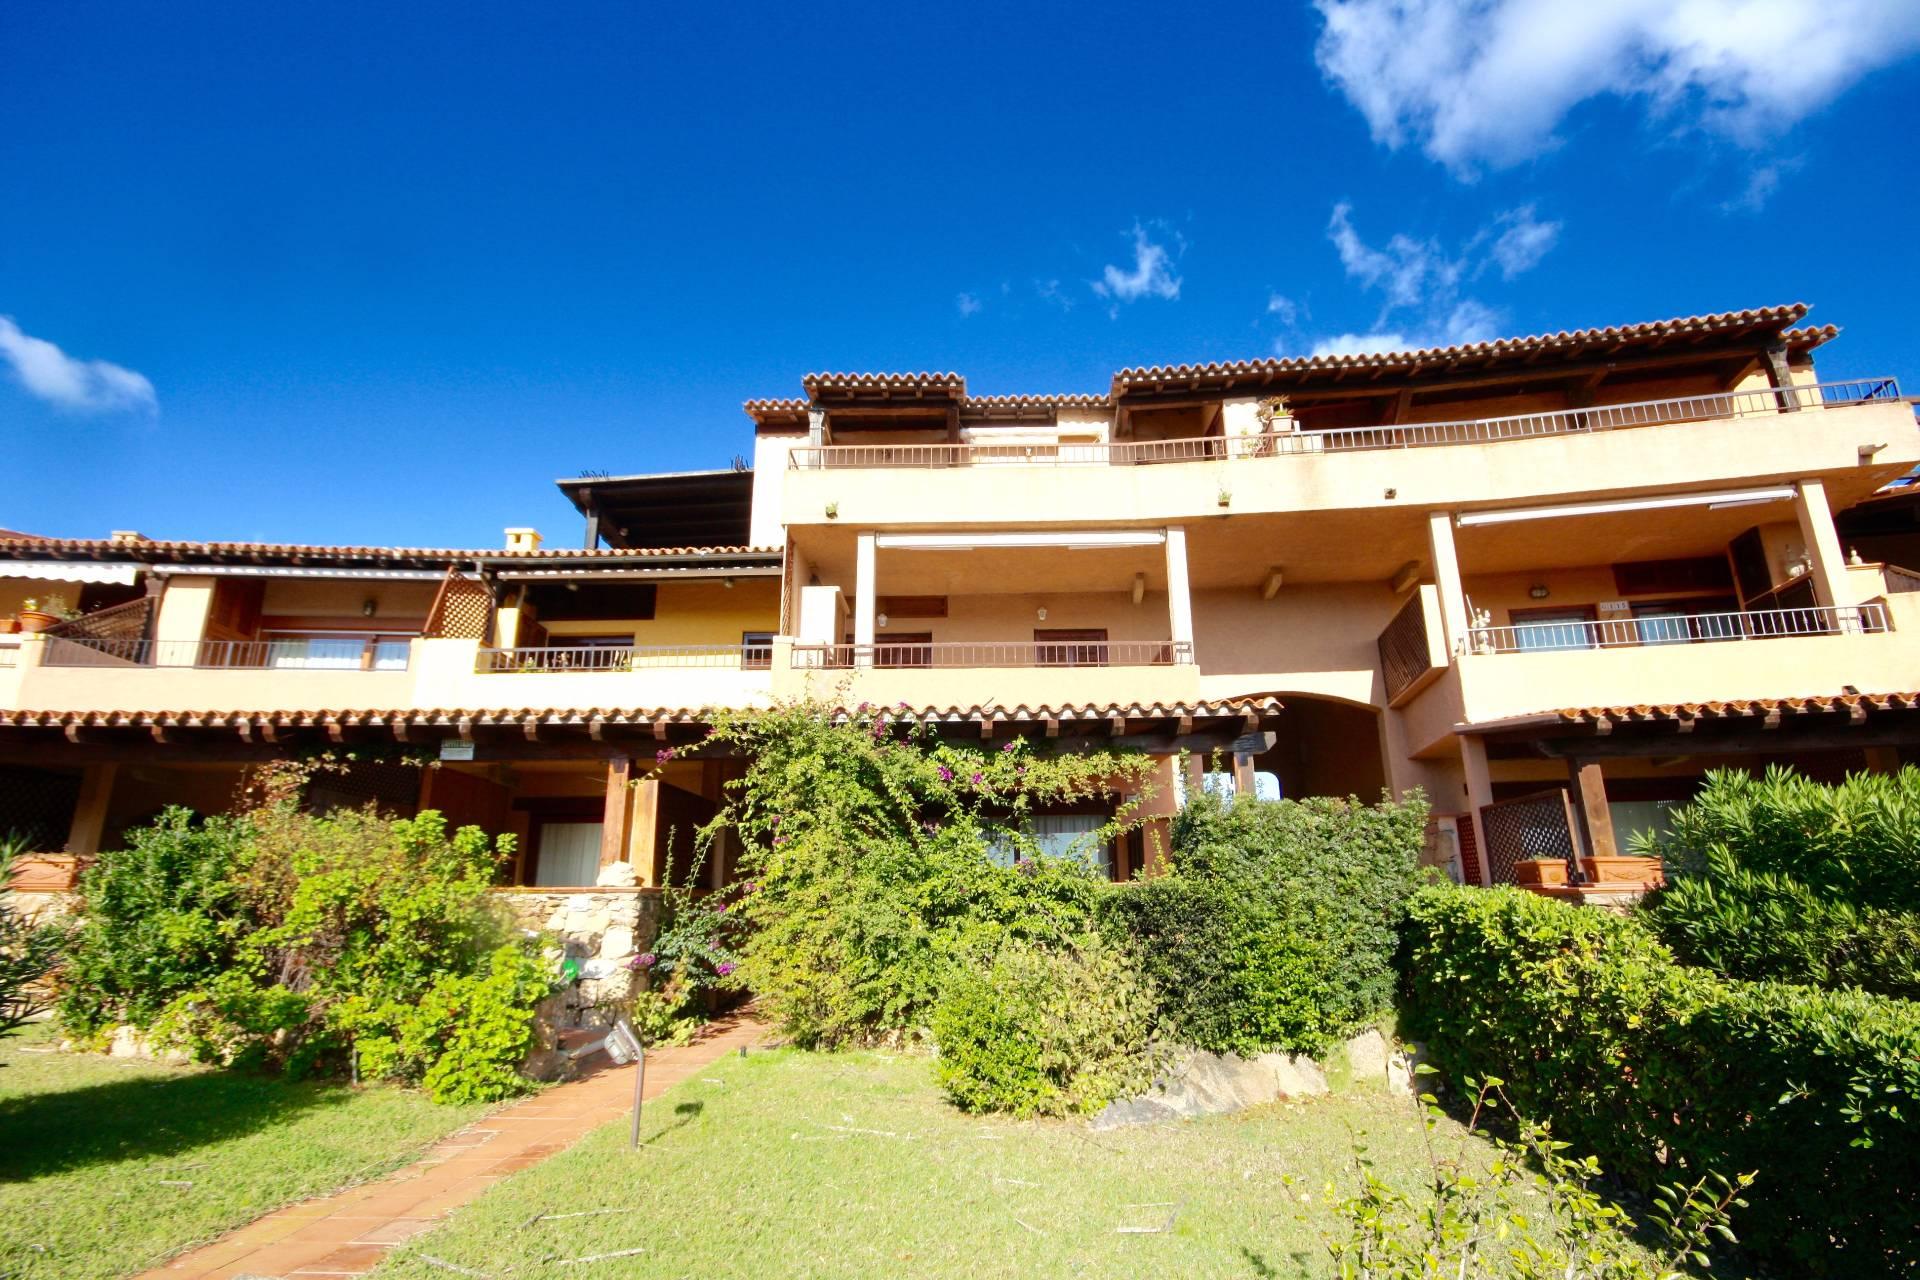 Appartamento in vendita a Golfo Aranci, 3 locali, zona Località: GolfodiMarinella, prezzo € 450.000 | CambioCasa.it